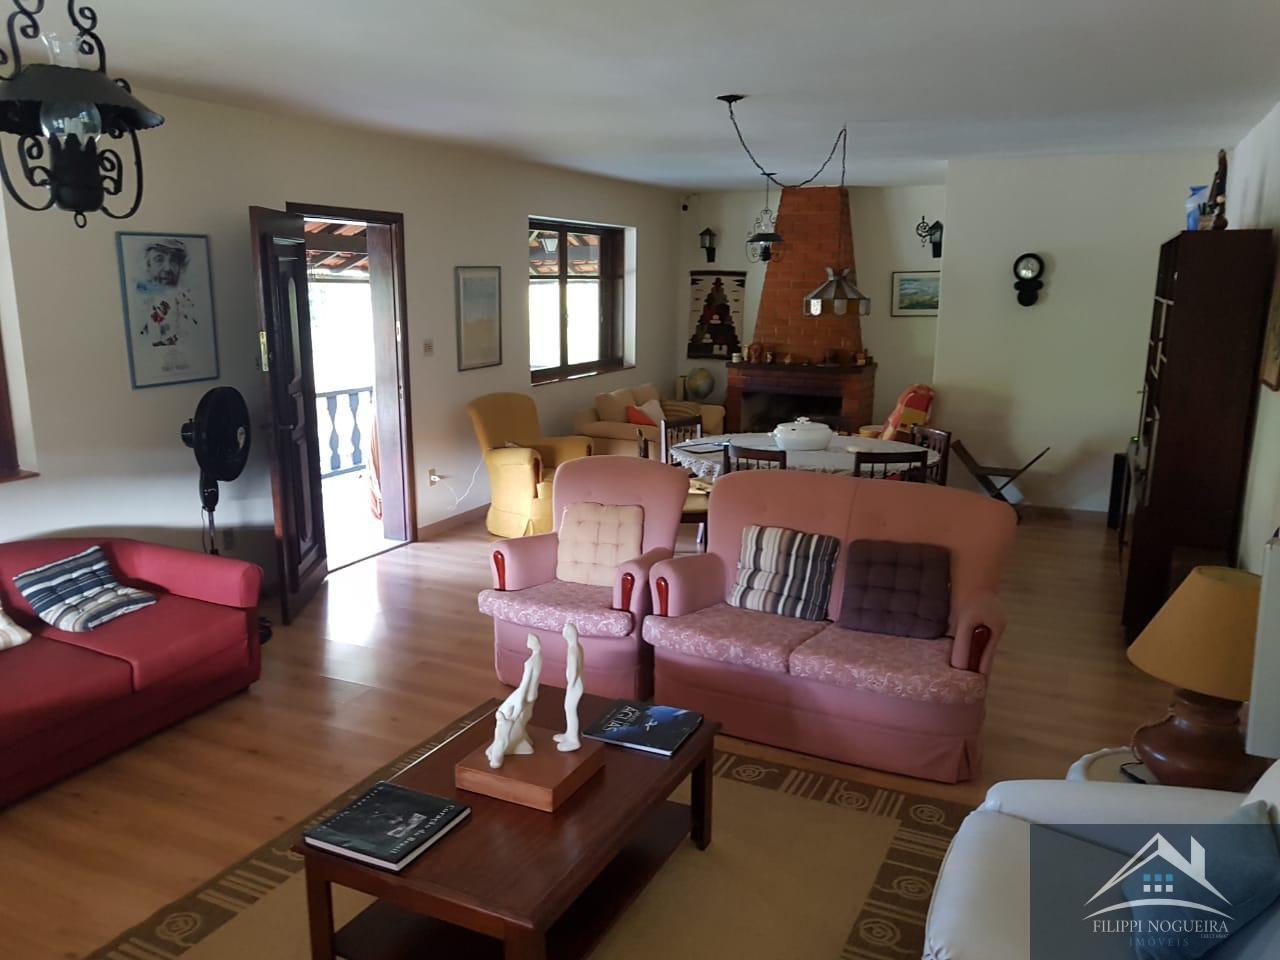 Excelente imóvel com 6 quartos e piscina na Vila Suissa. - csvl - 12